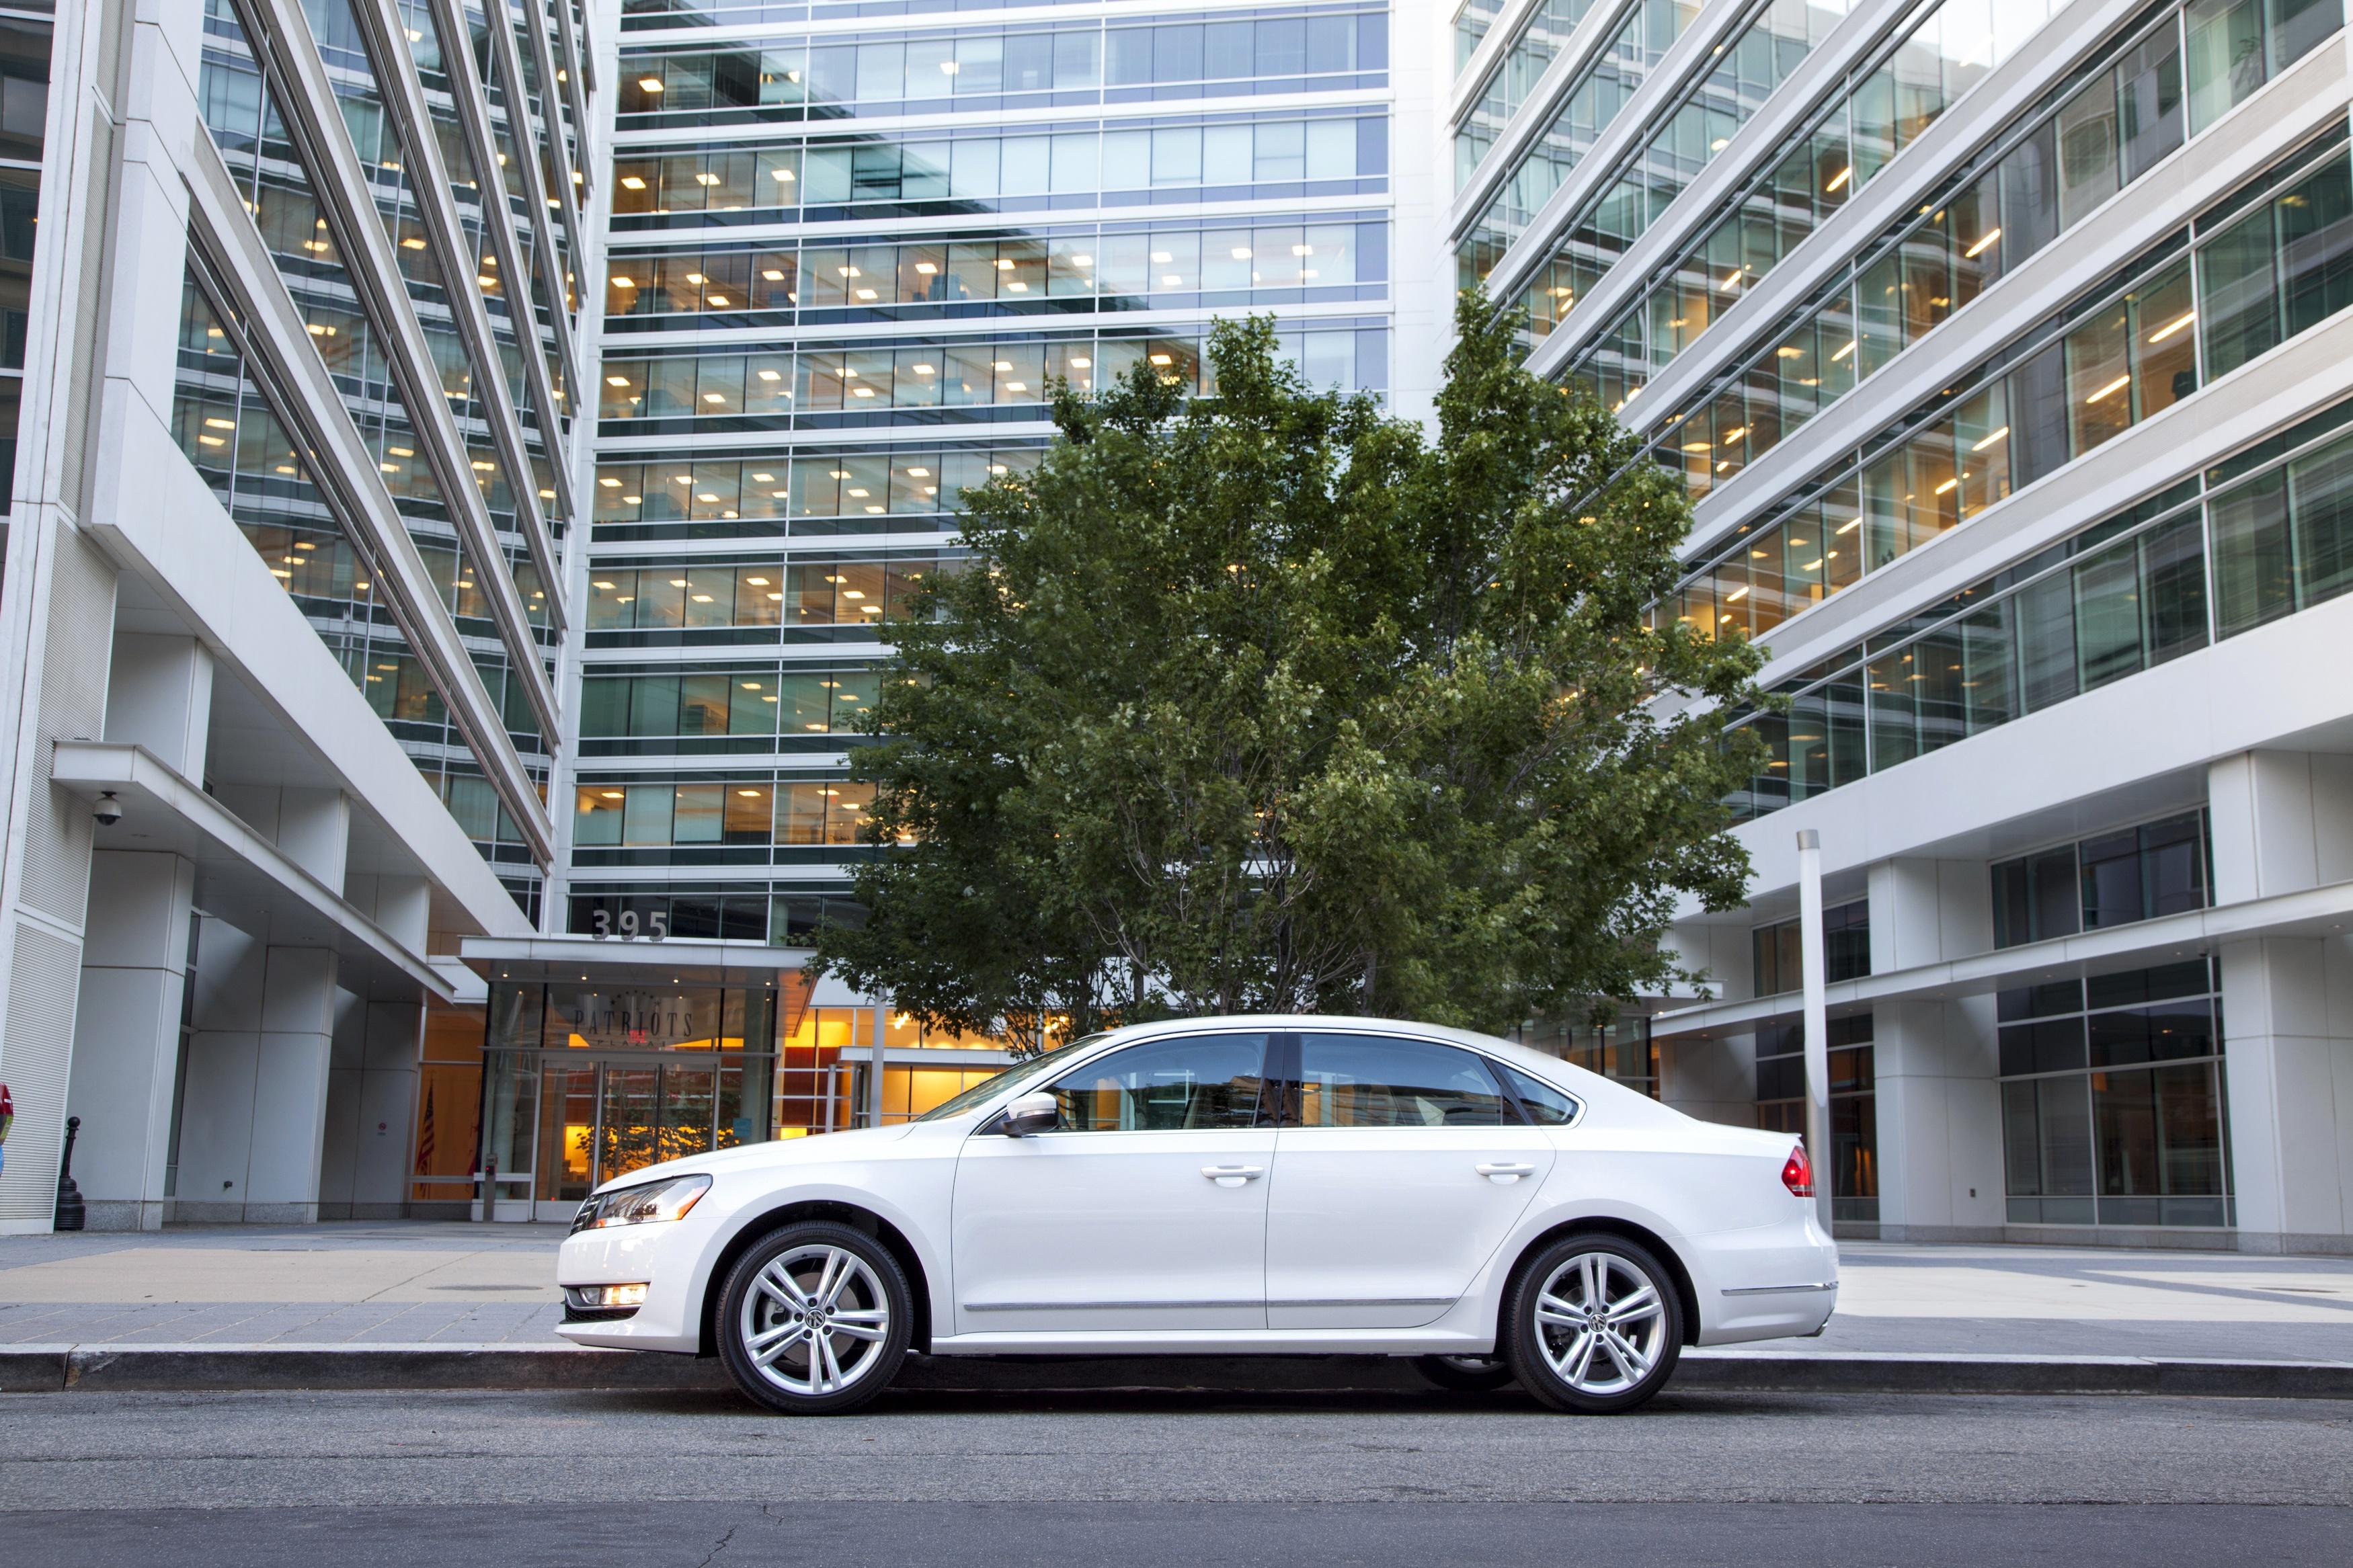 Volkswagen Recalls Passat for Fire Risk